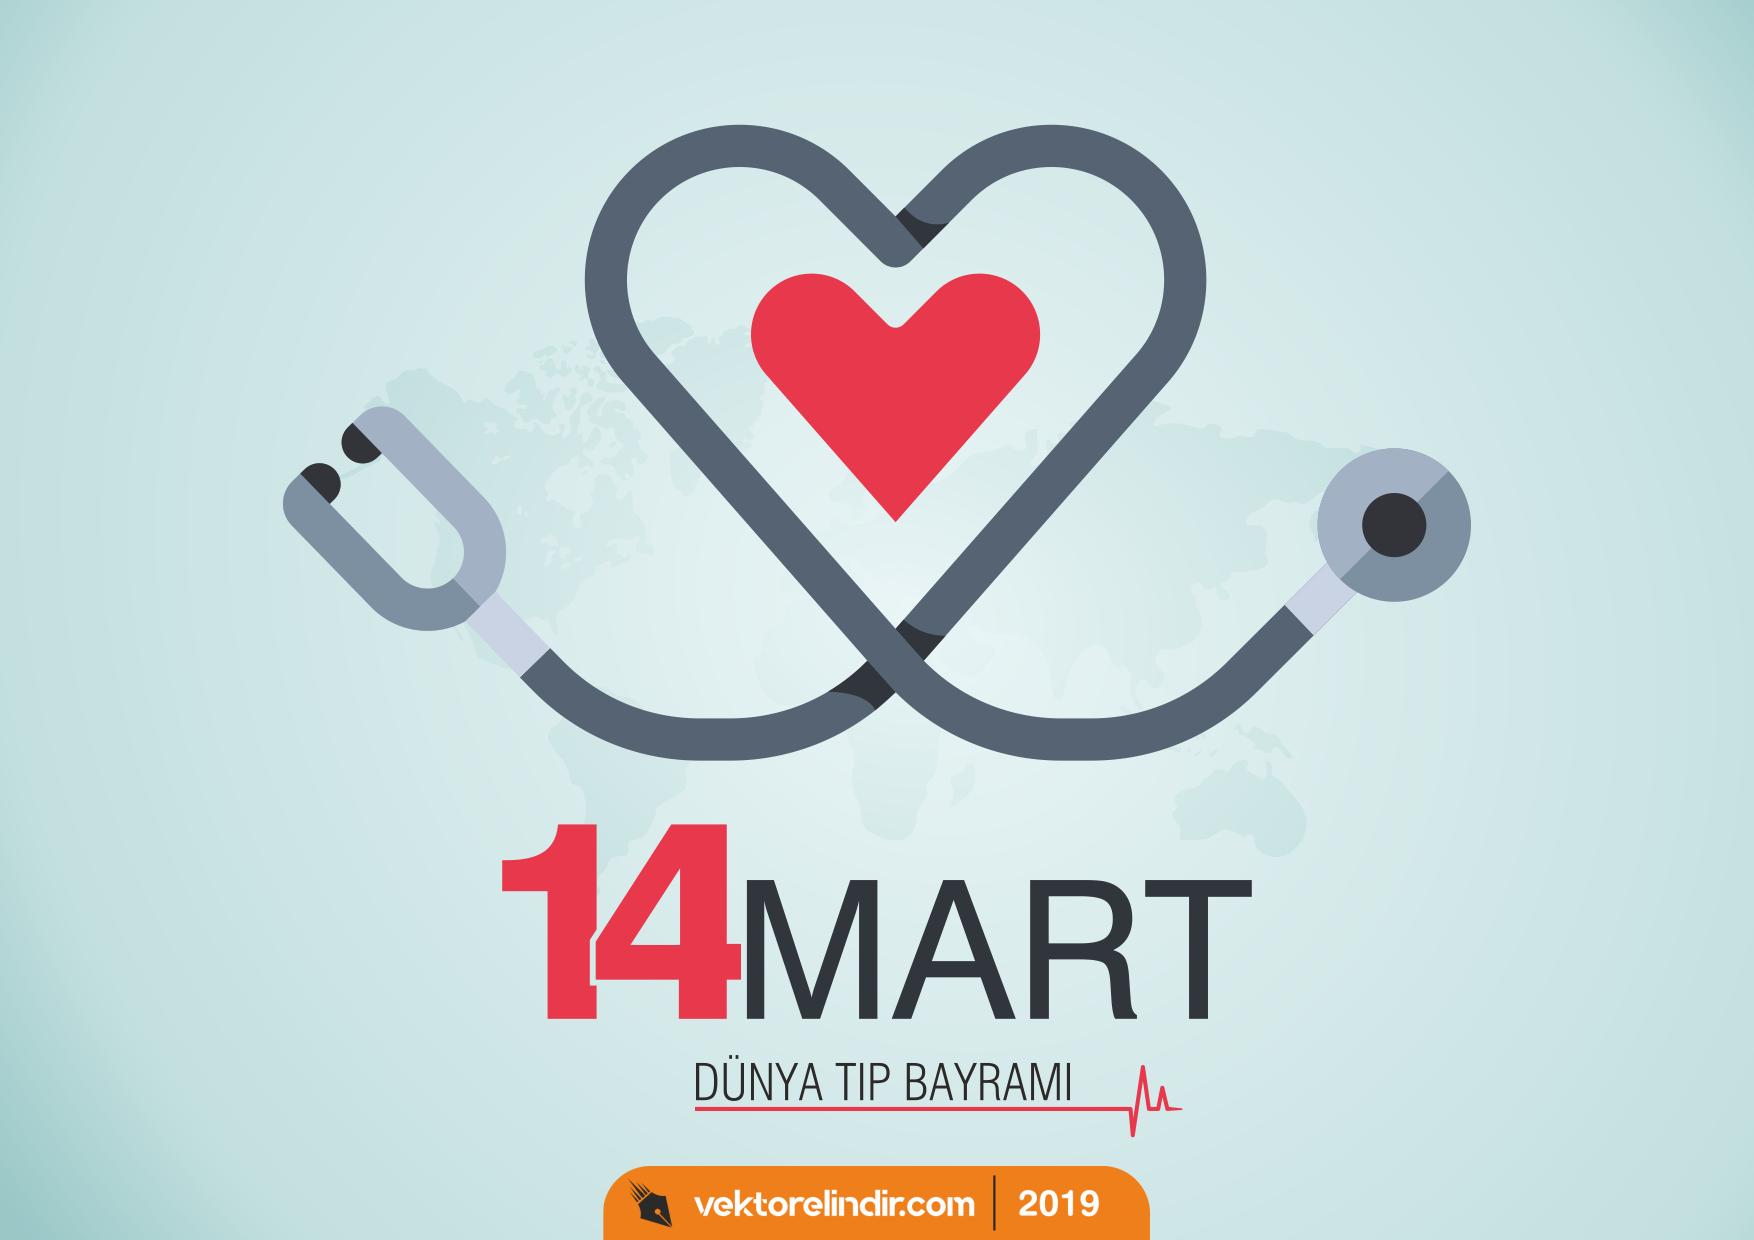 14 Mart Dünya Tıp Bayramı